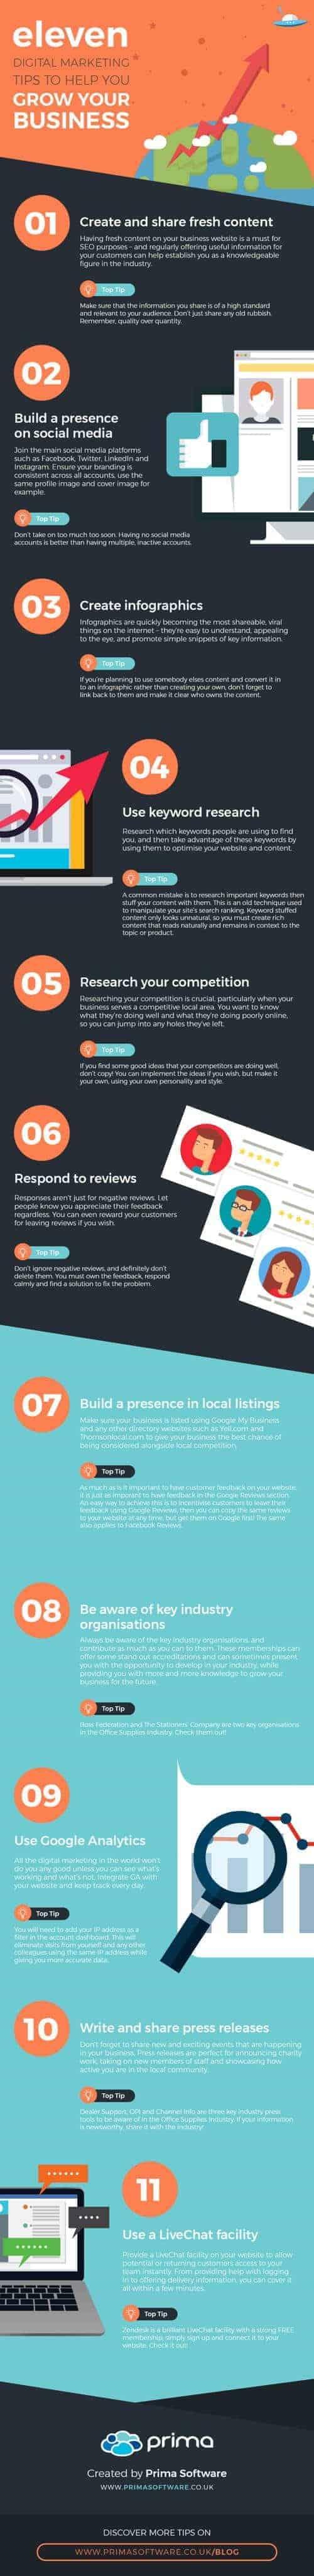 estrategias de marketing digital para hacer crecer tu negocio infografia